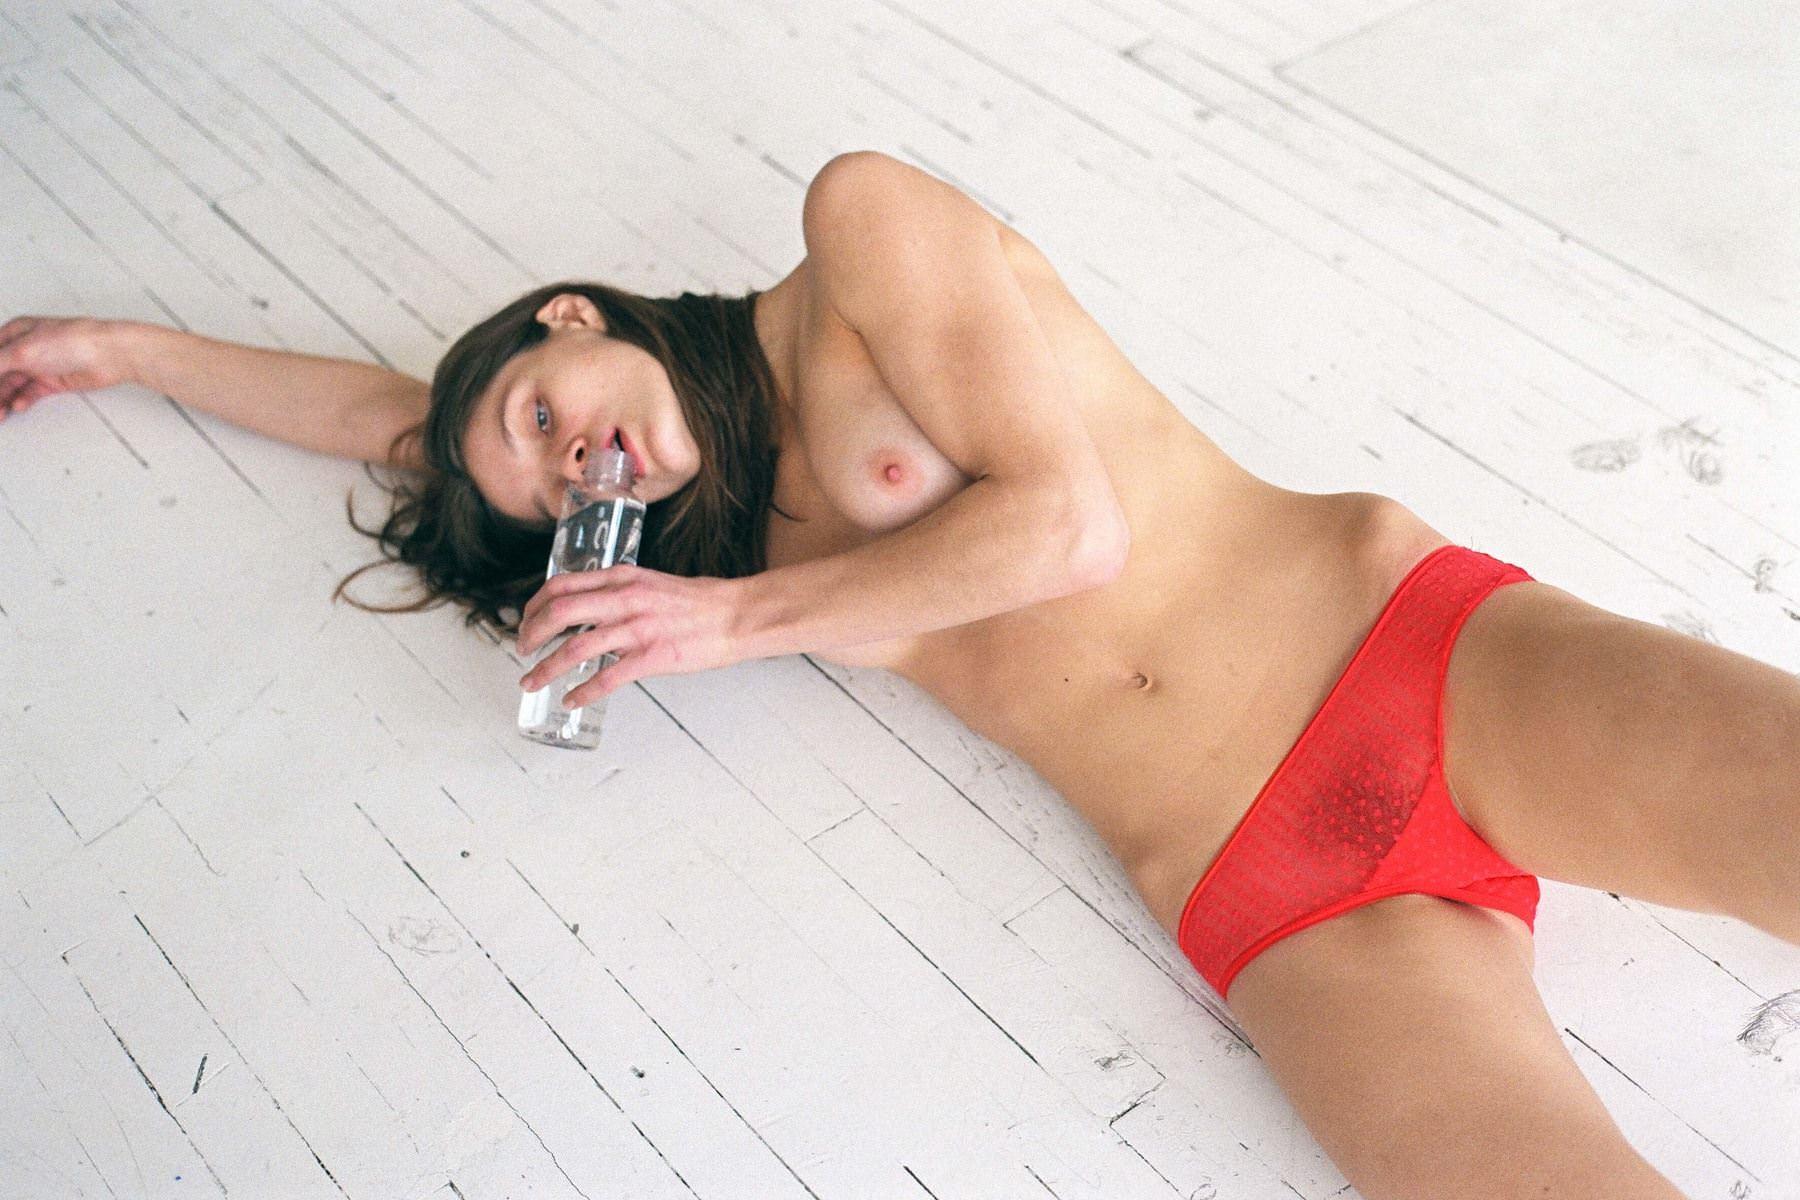 【外人】アメリカ人モデルの超絶美女リベカ・アンダーヒル(Rebekah Underhill)のフルヌードポルノ画像 5268